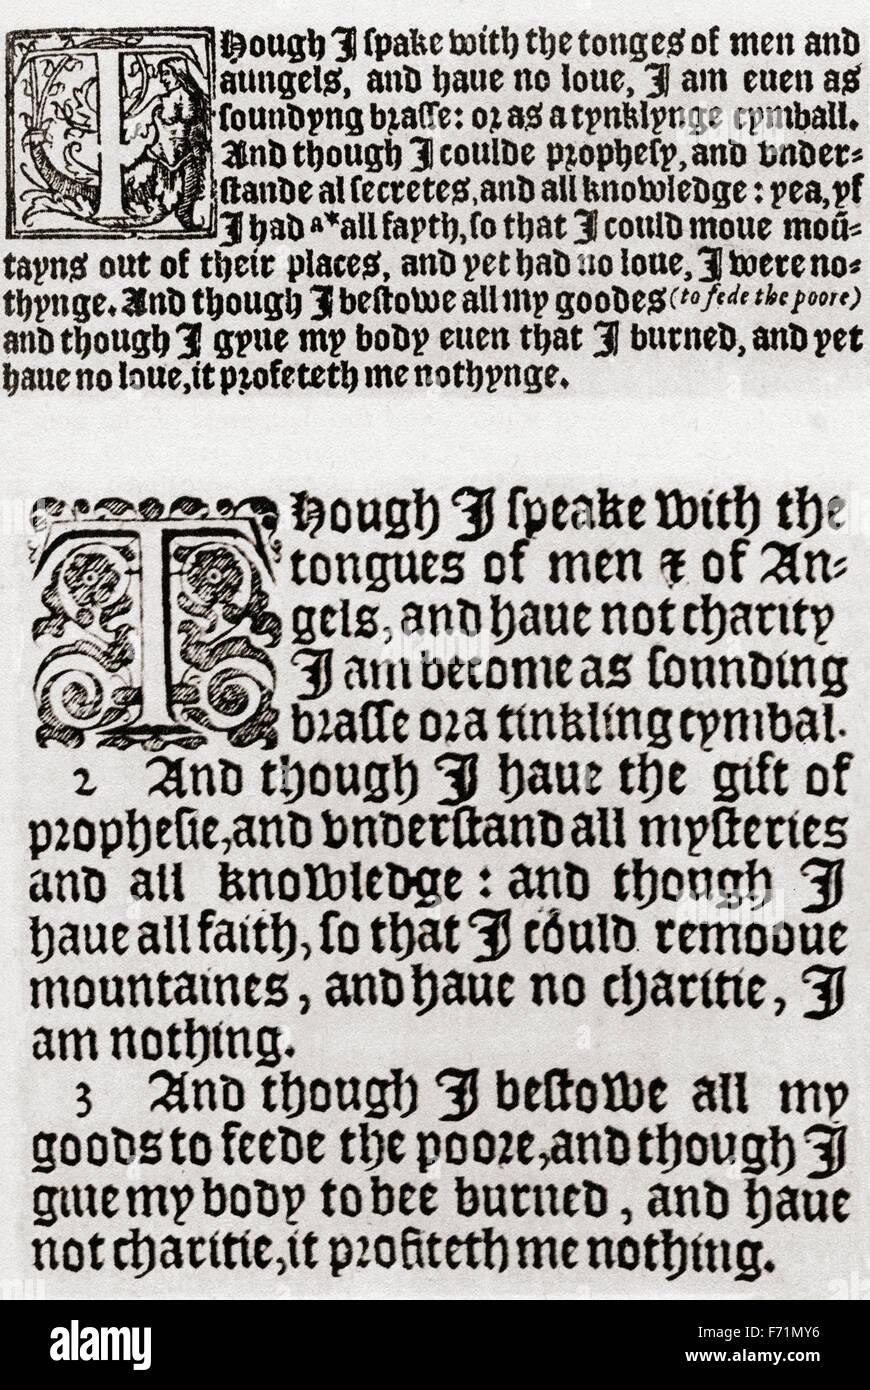 Ein Vergleich zwischen Tynedales Bibel, 1528: Korinther, Kapitel 13, 1-3, (oben) und autorisierte King James Version, Stockbild